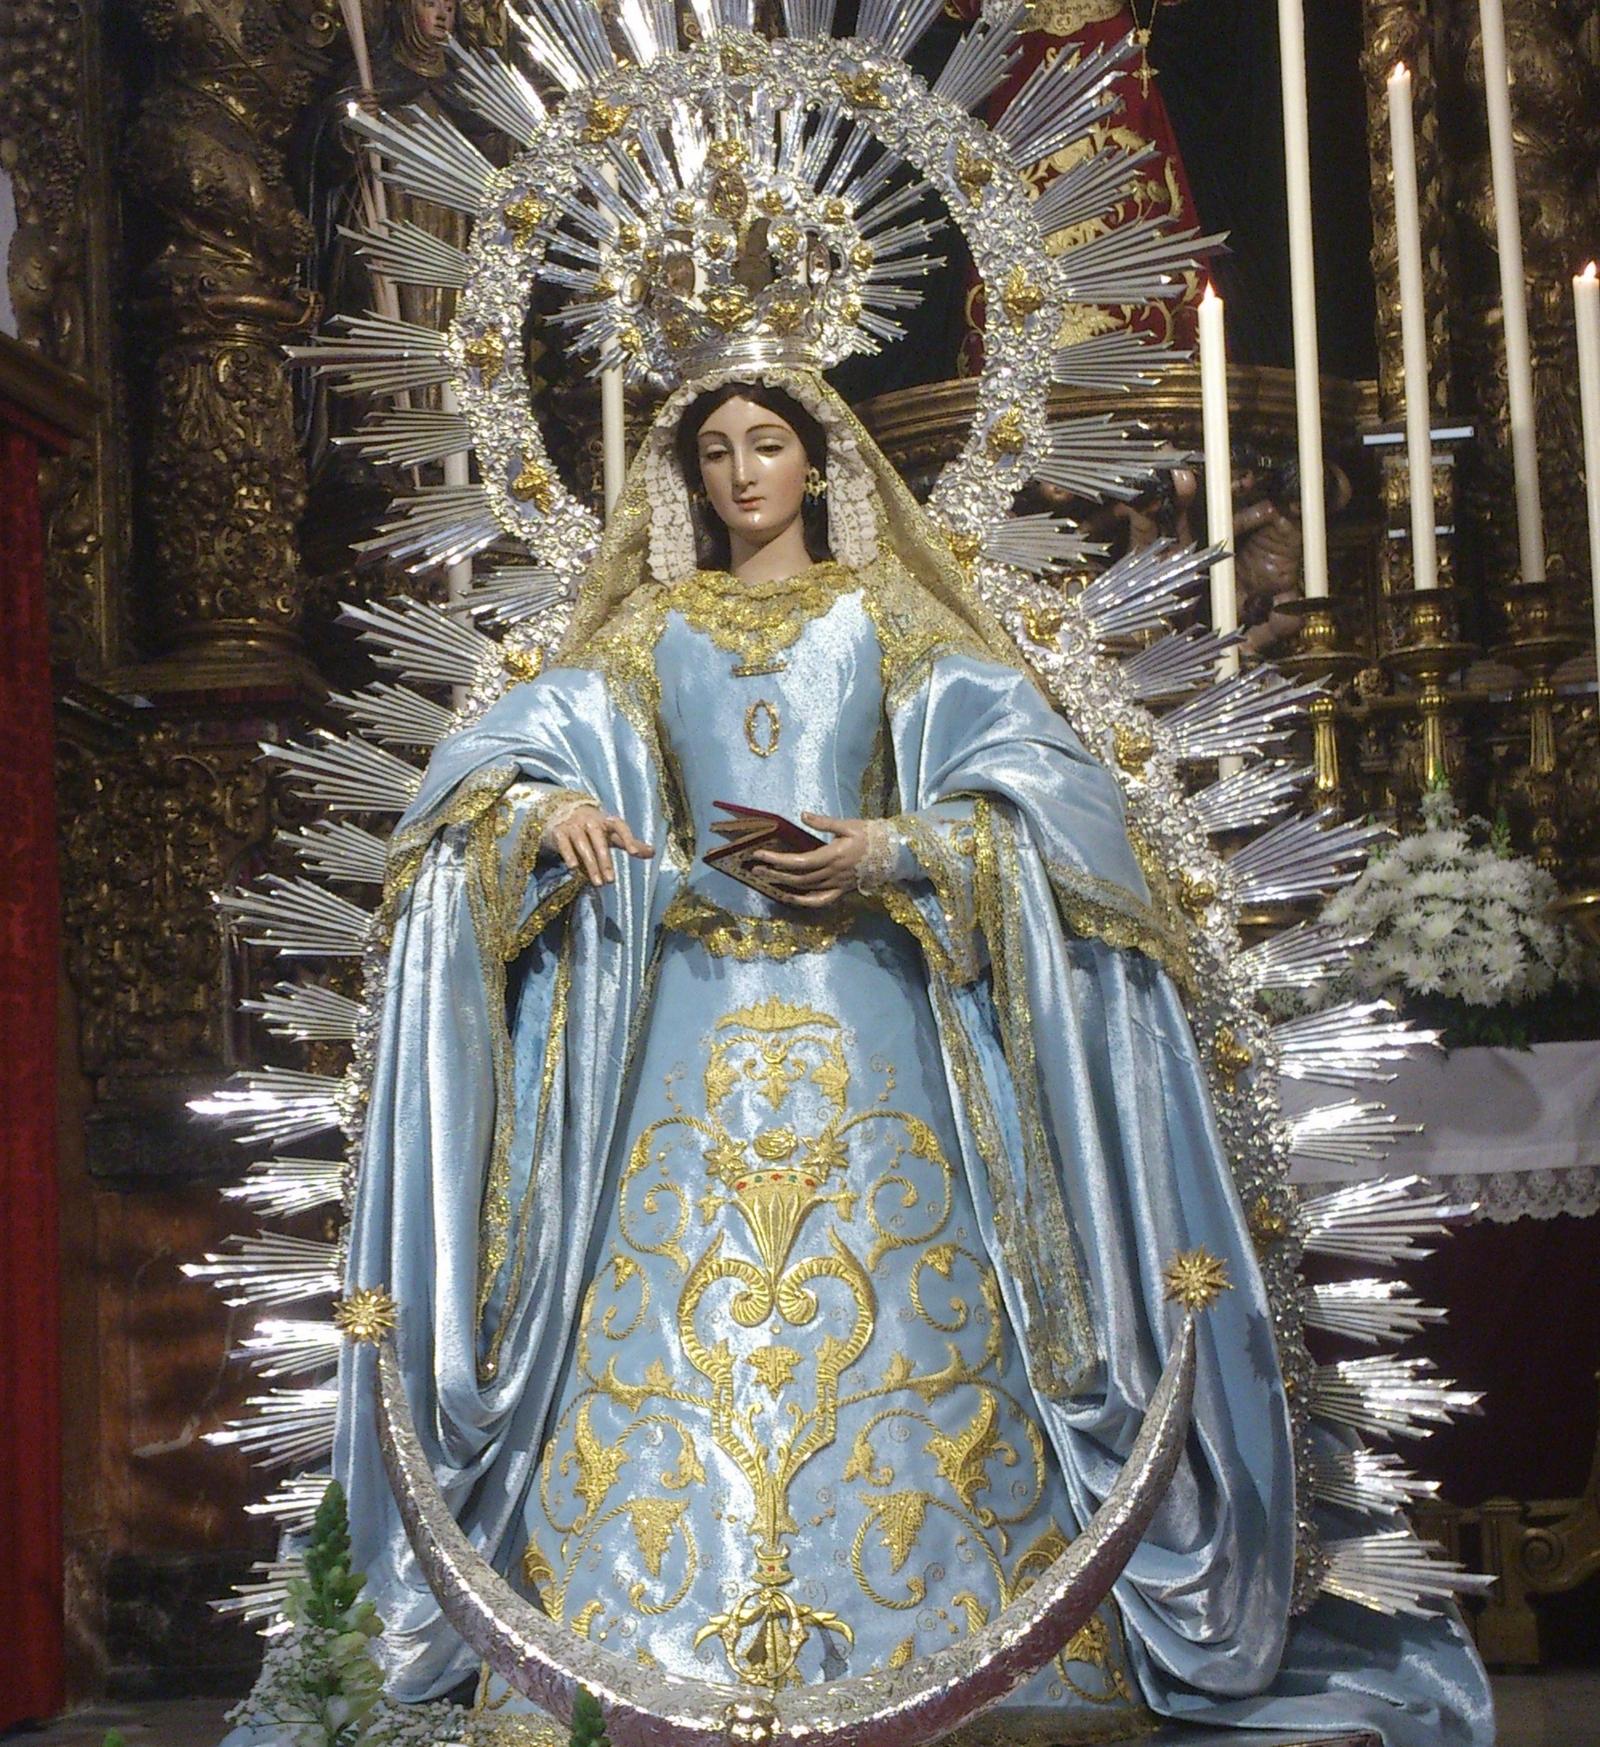 Nuestra Señora de la Expectación o de la O, la Advocación Central de Adviento (17 dic)